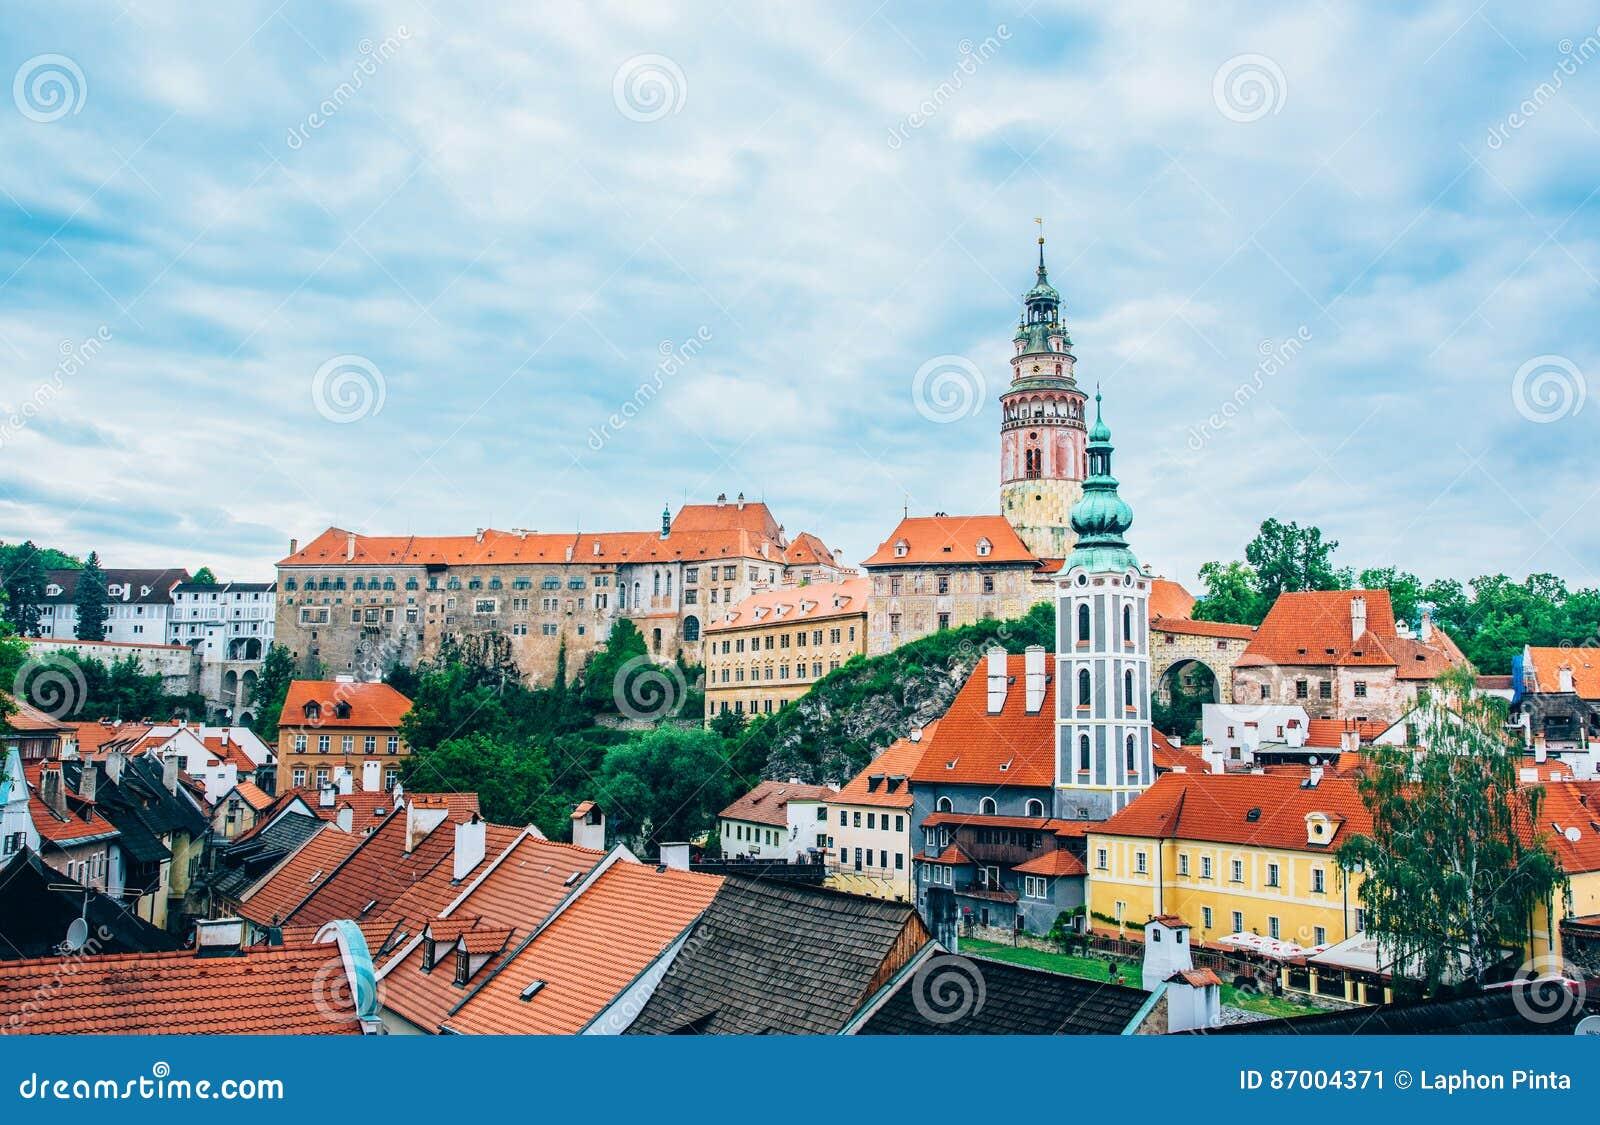 Widok miasteczko w Cesky Kromlov troszkę